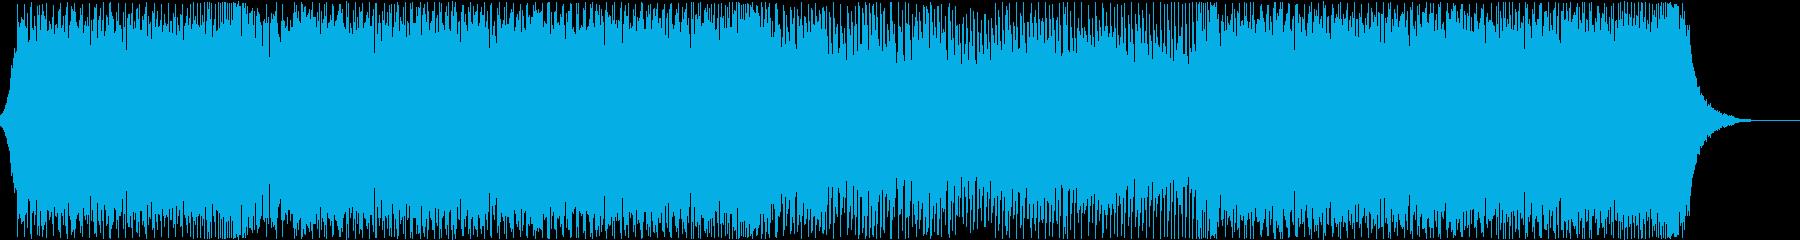 盛り上がる・エレクトロ・クラブ・DJの再生済みの波形